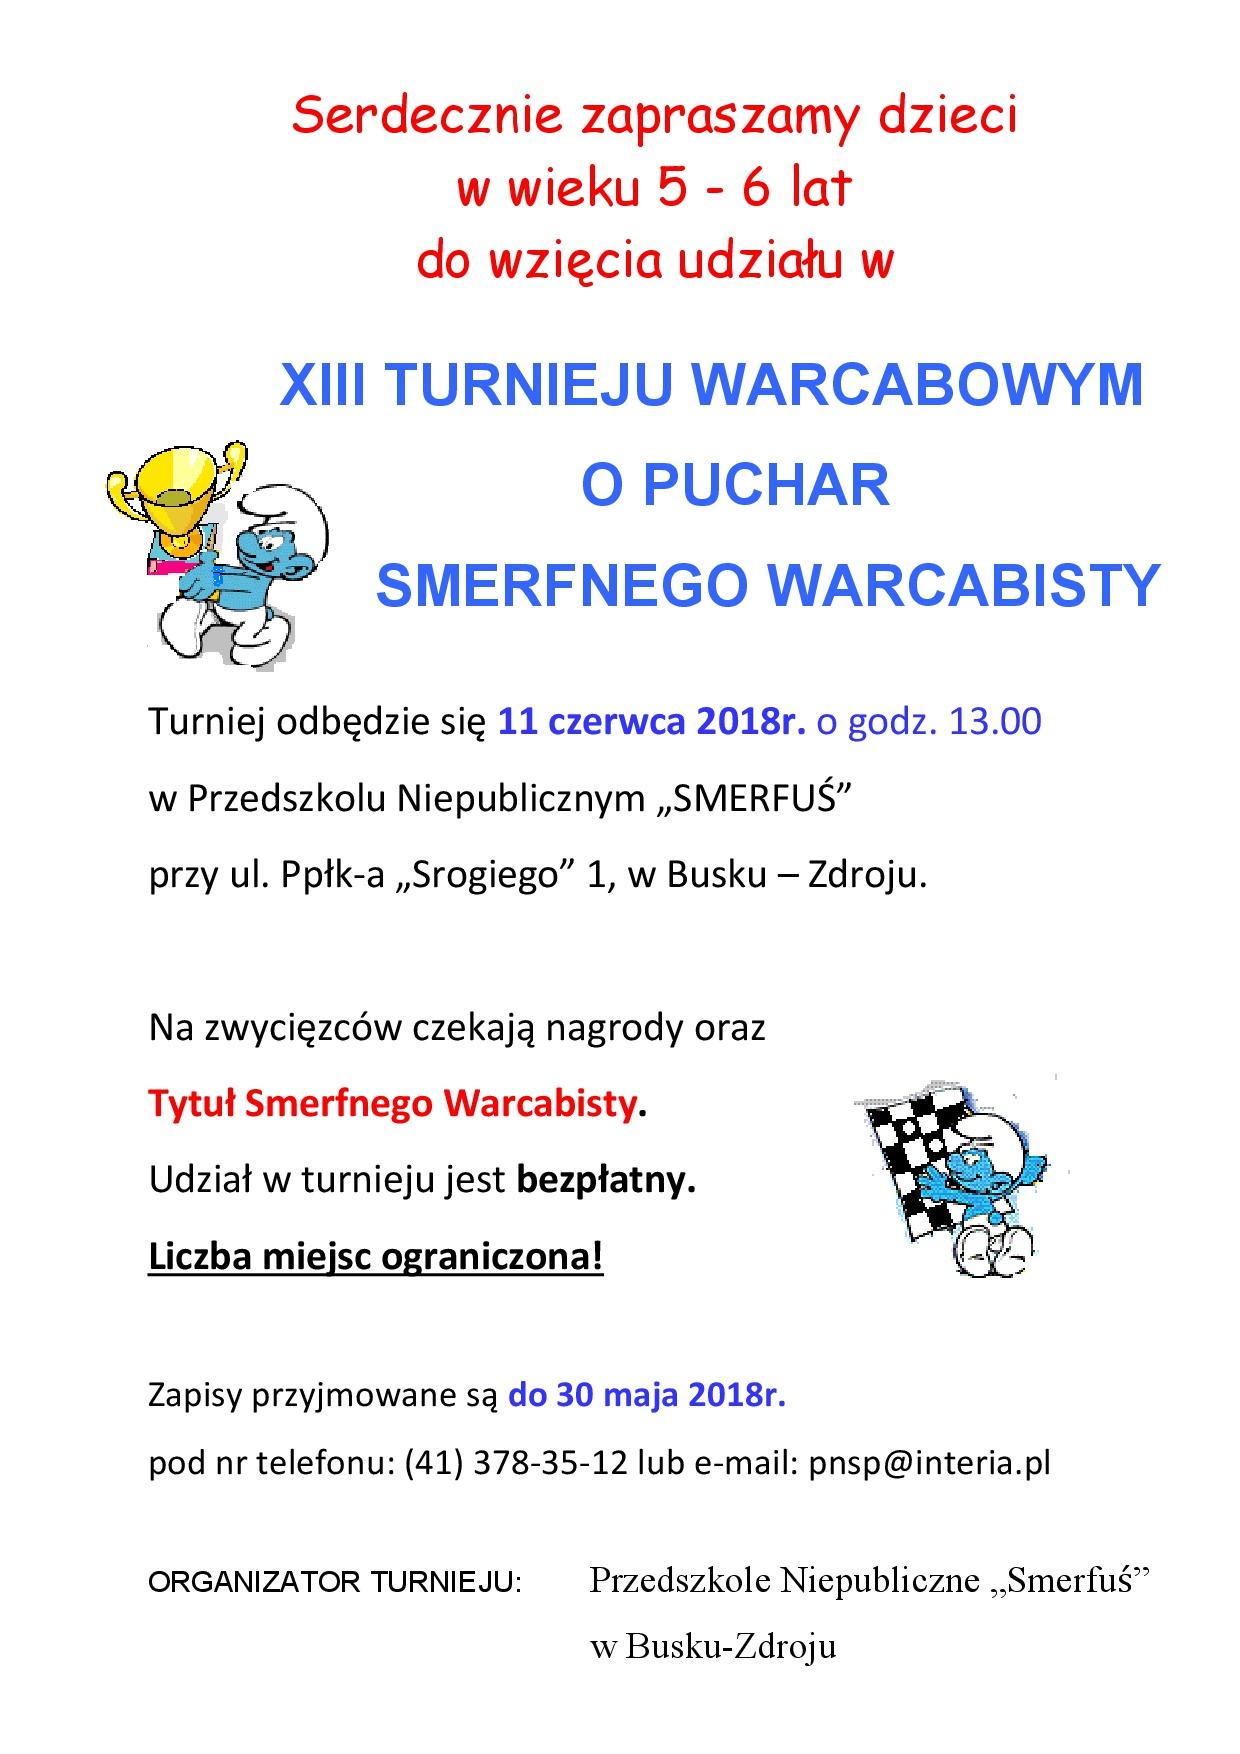 Turniej_smerfnego_warcabisty2018.jpg